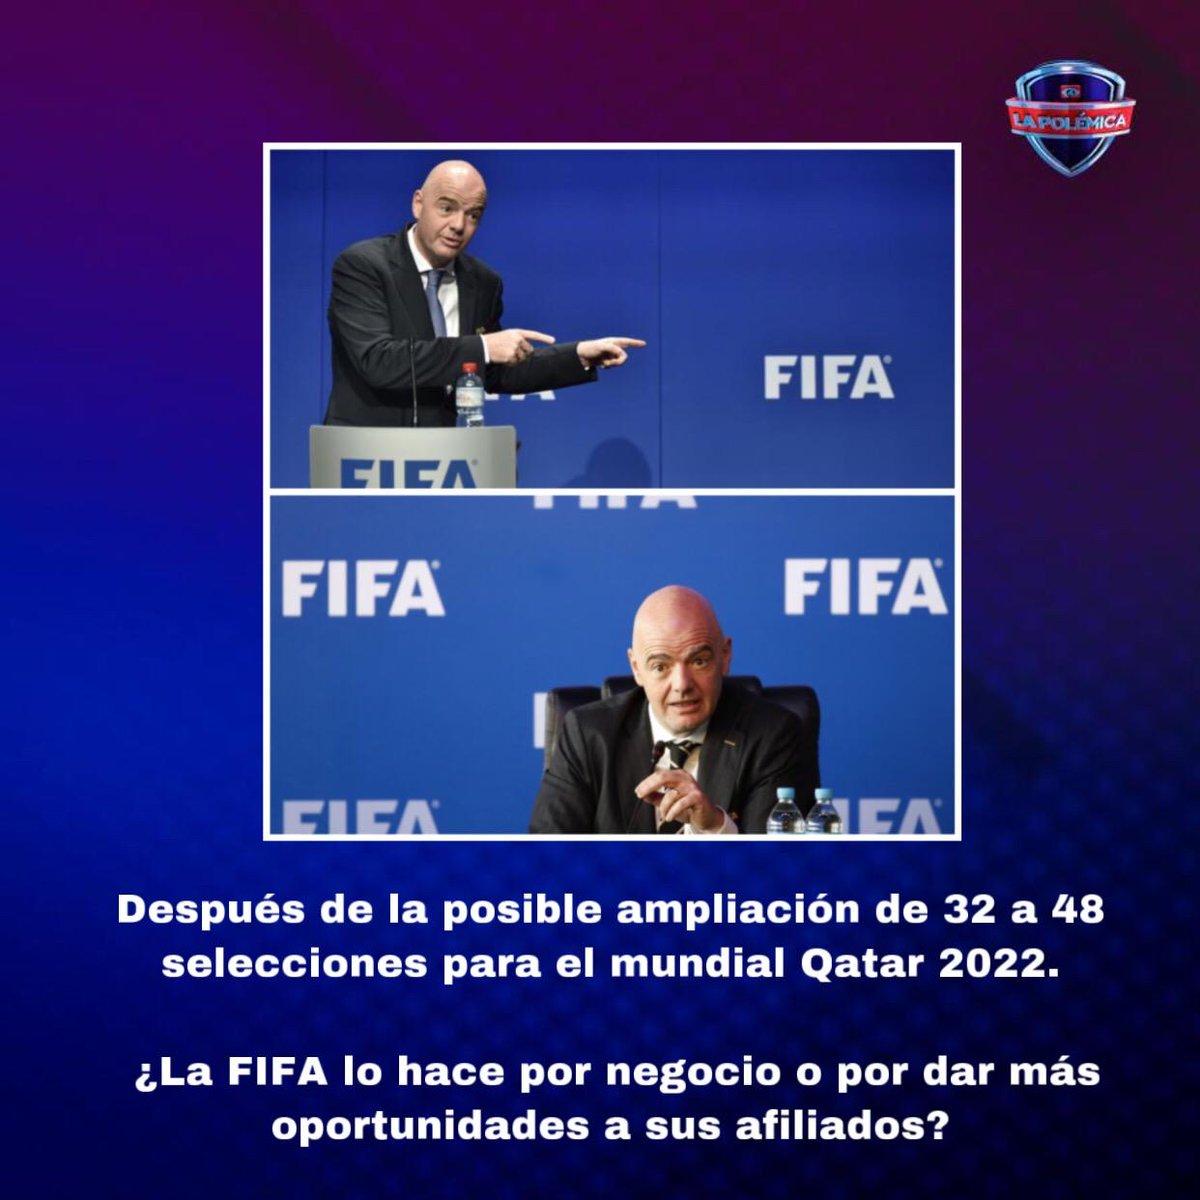 LaPolemicaTCS's photo on La FIFA